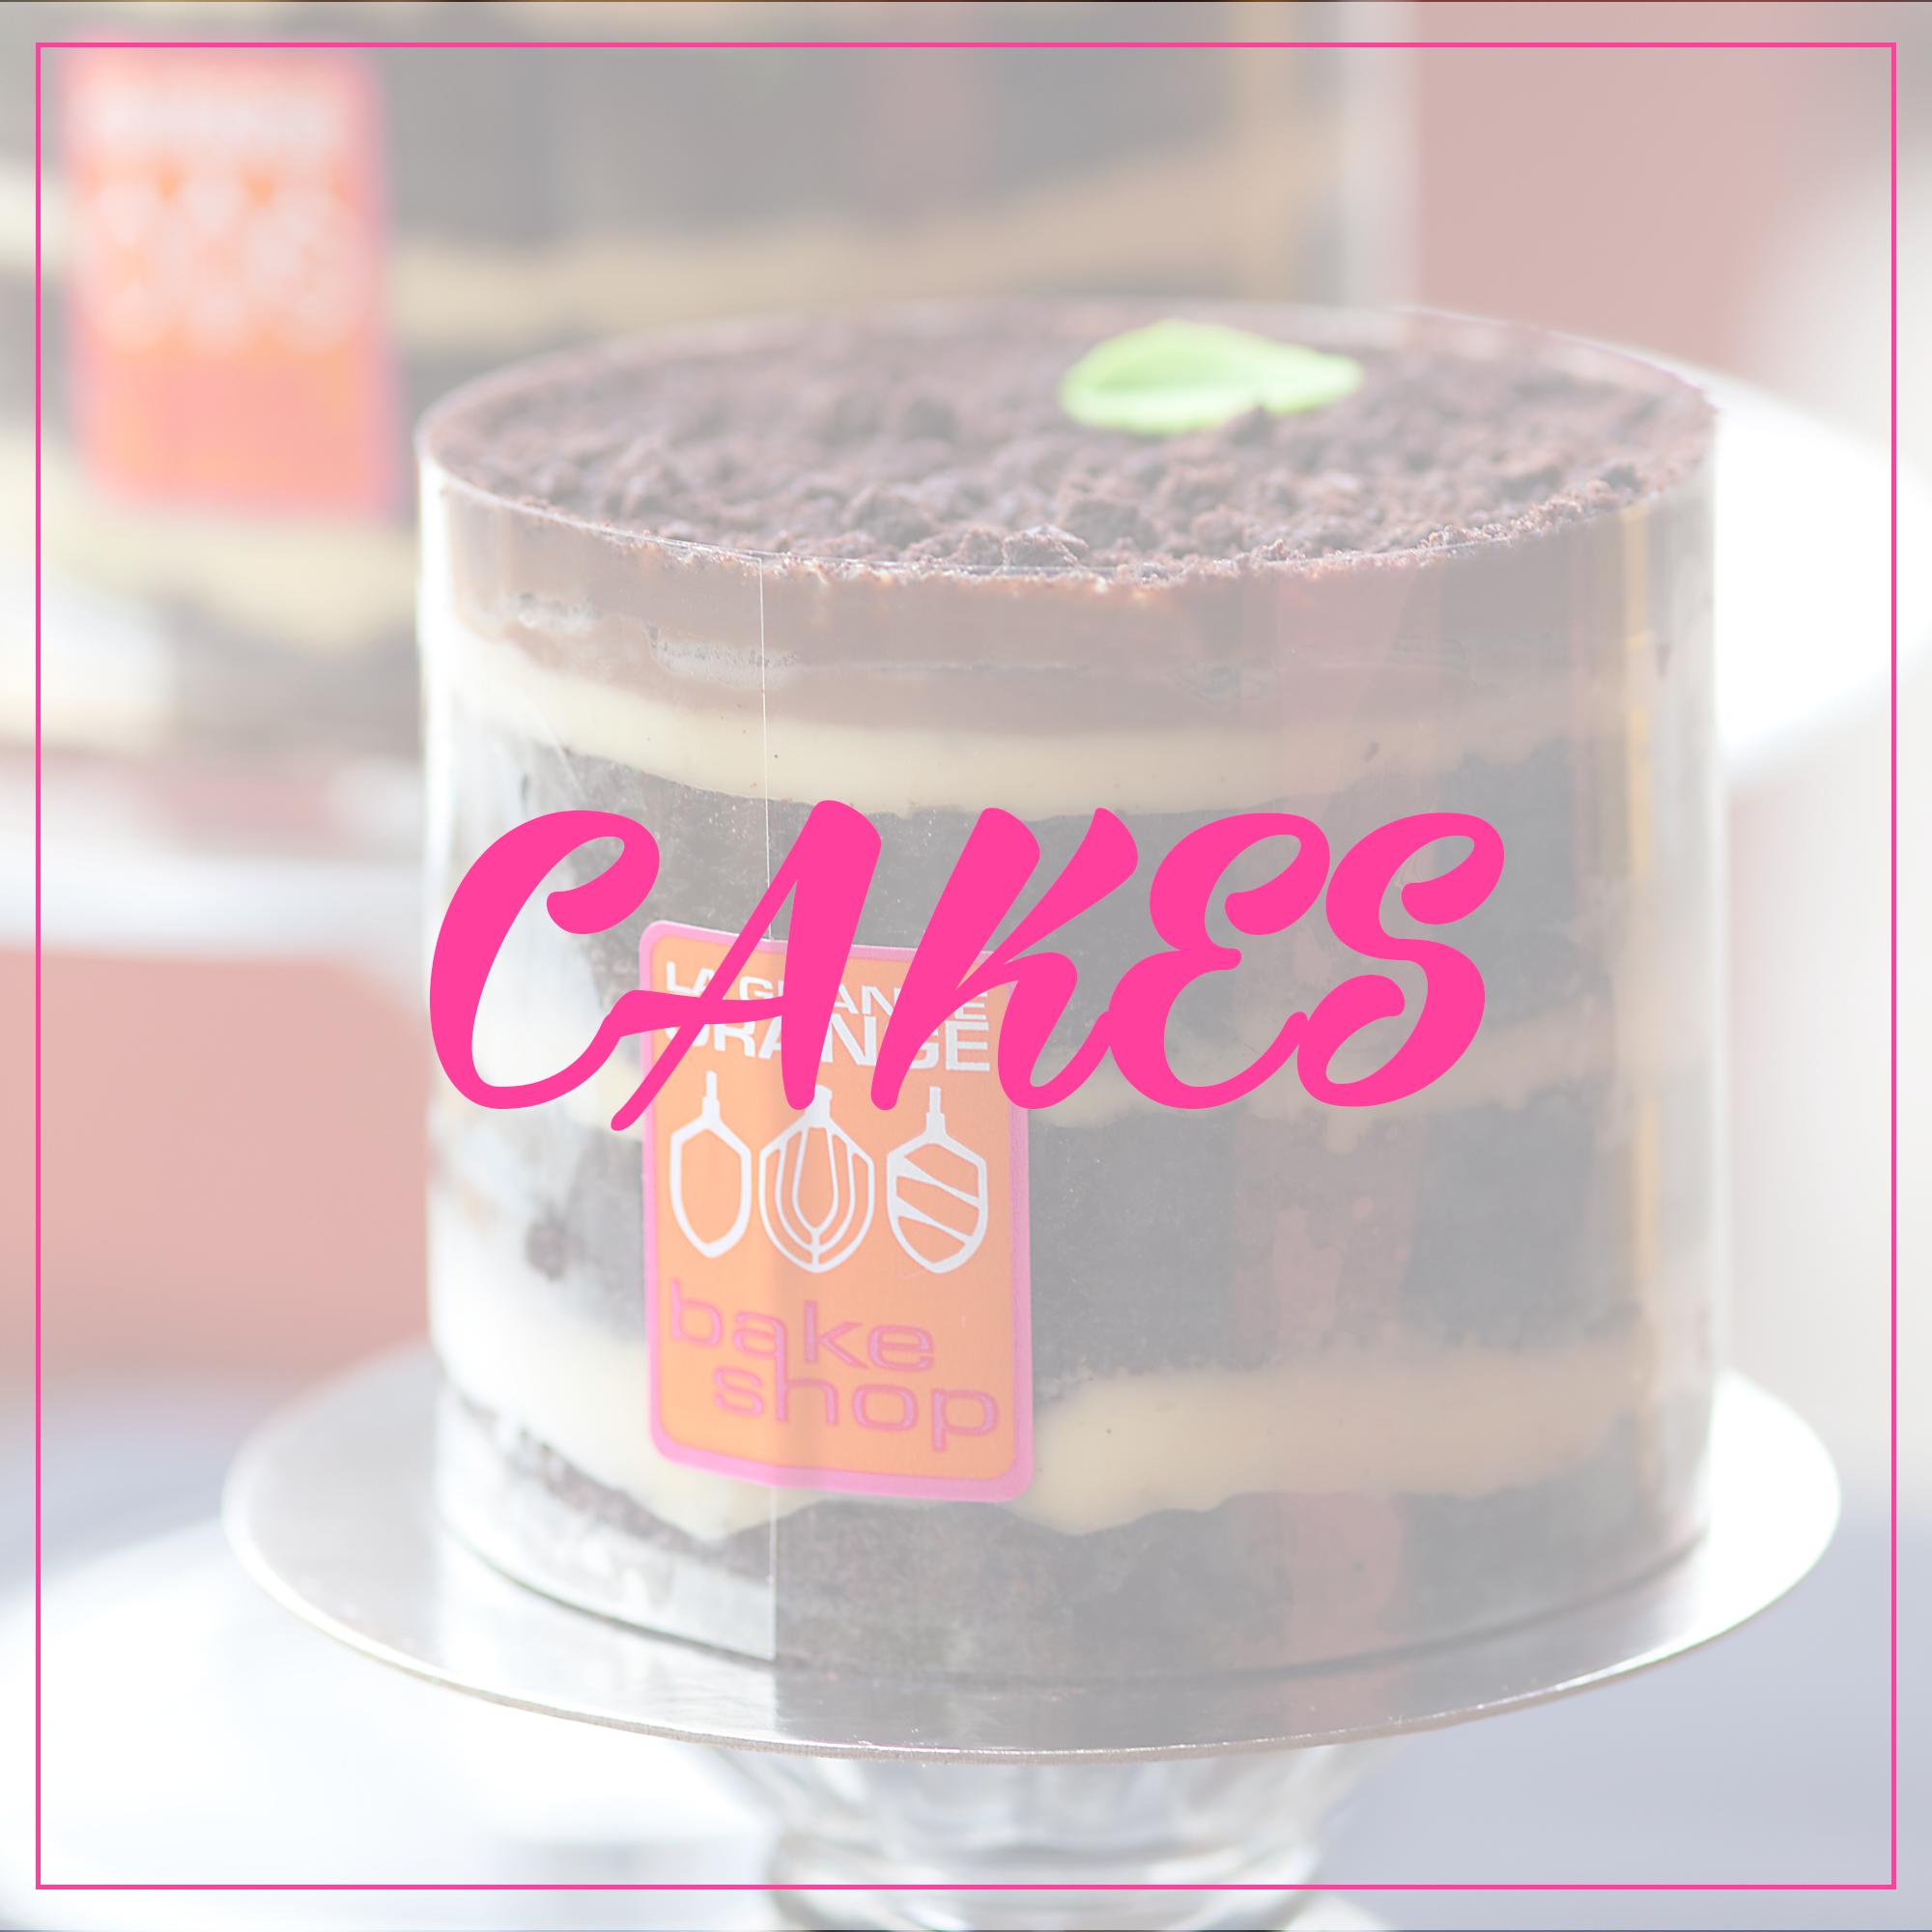 Cakes_overlay